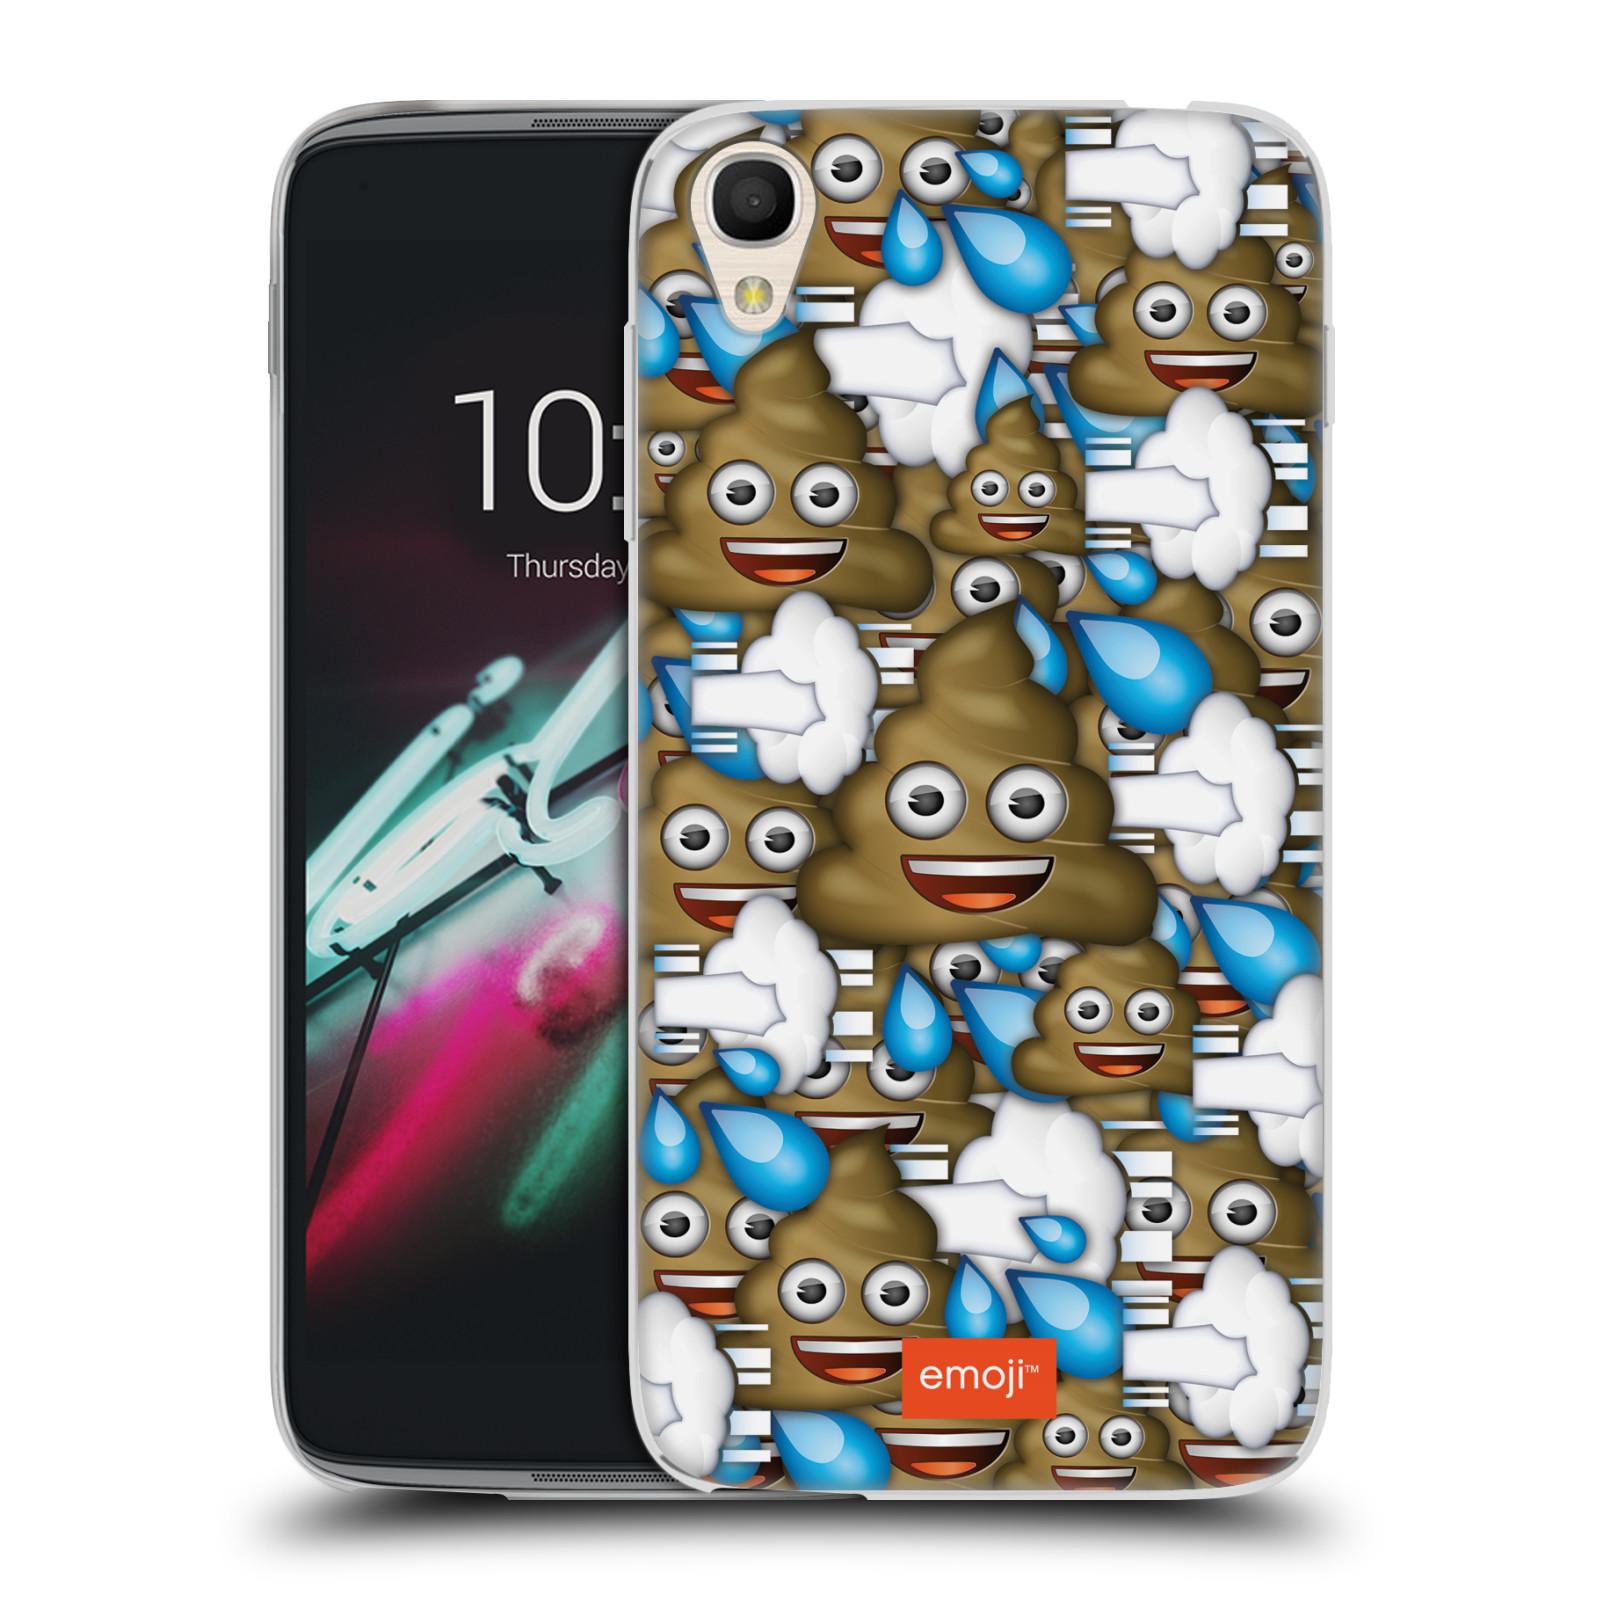 """Silikonové pouzdro na mobil Alcatel One Touch 6039Y Idol 3 HEAD CASE EMOJI - Hovínka a prdíky (Silikonový kryt či obal s oficiálním motivem EMOJI na mobilní telefon Alcatel One Touch Idol 3 OT-6039Y s 4,7"""" displejem)"""